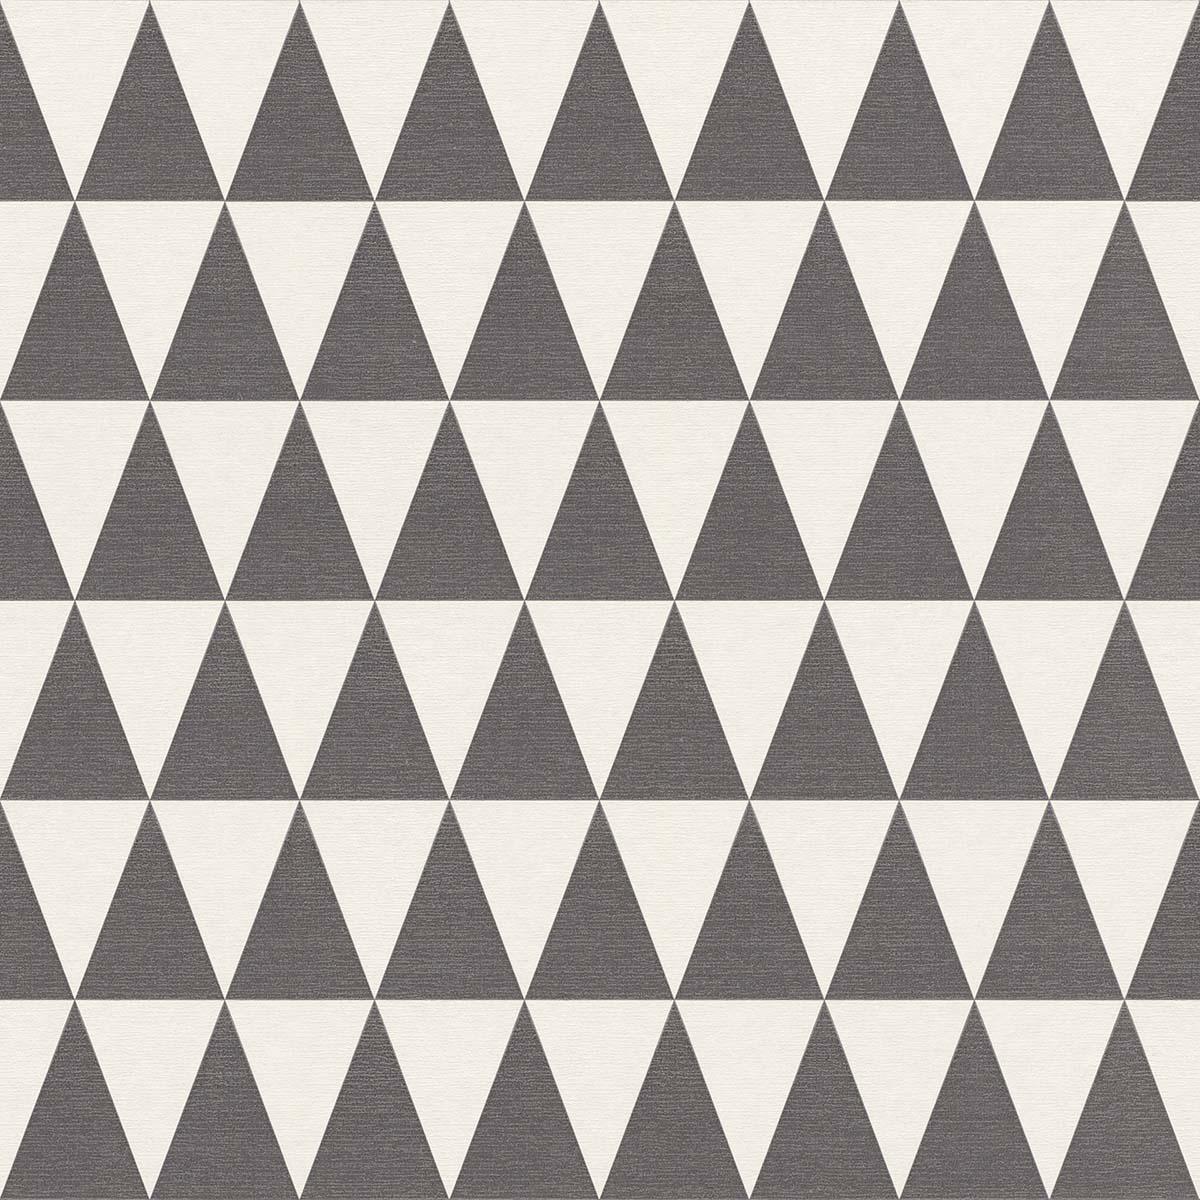 Tapete Vlies Dreiecke Schwarz Weiß Rasch Textil 148672